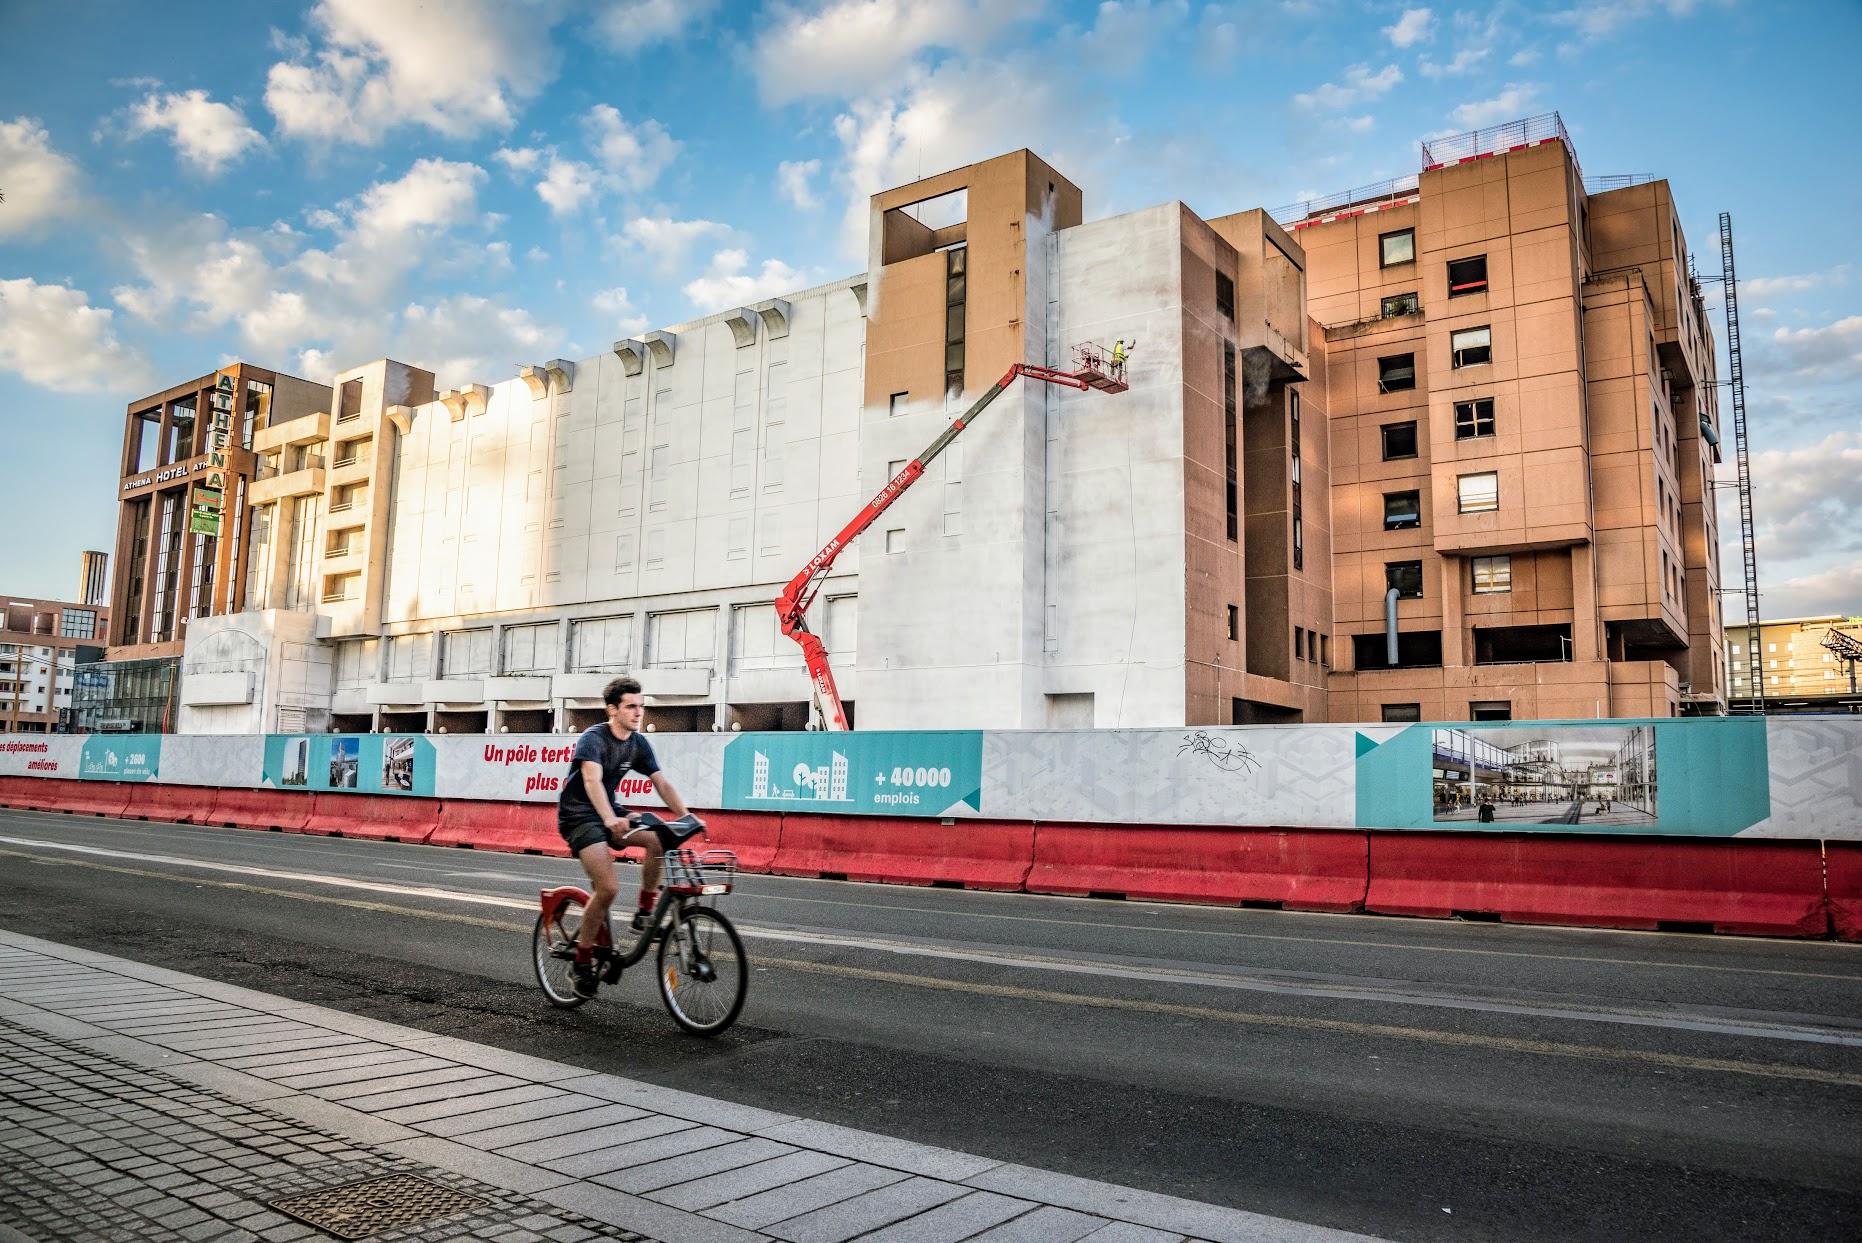 Graffeur Muraliste en train de réaliser une fresque géante sur une façade d'immeuble